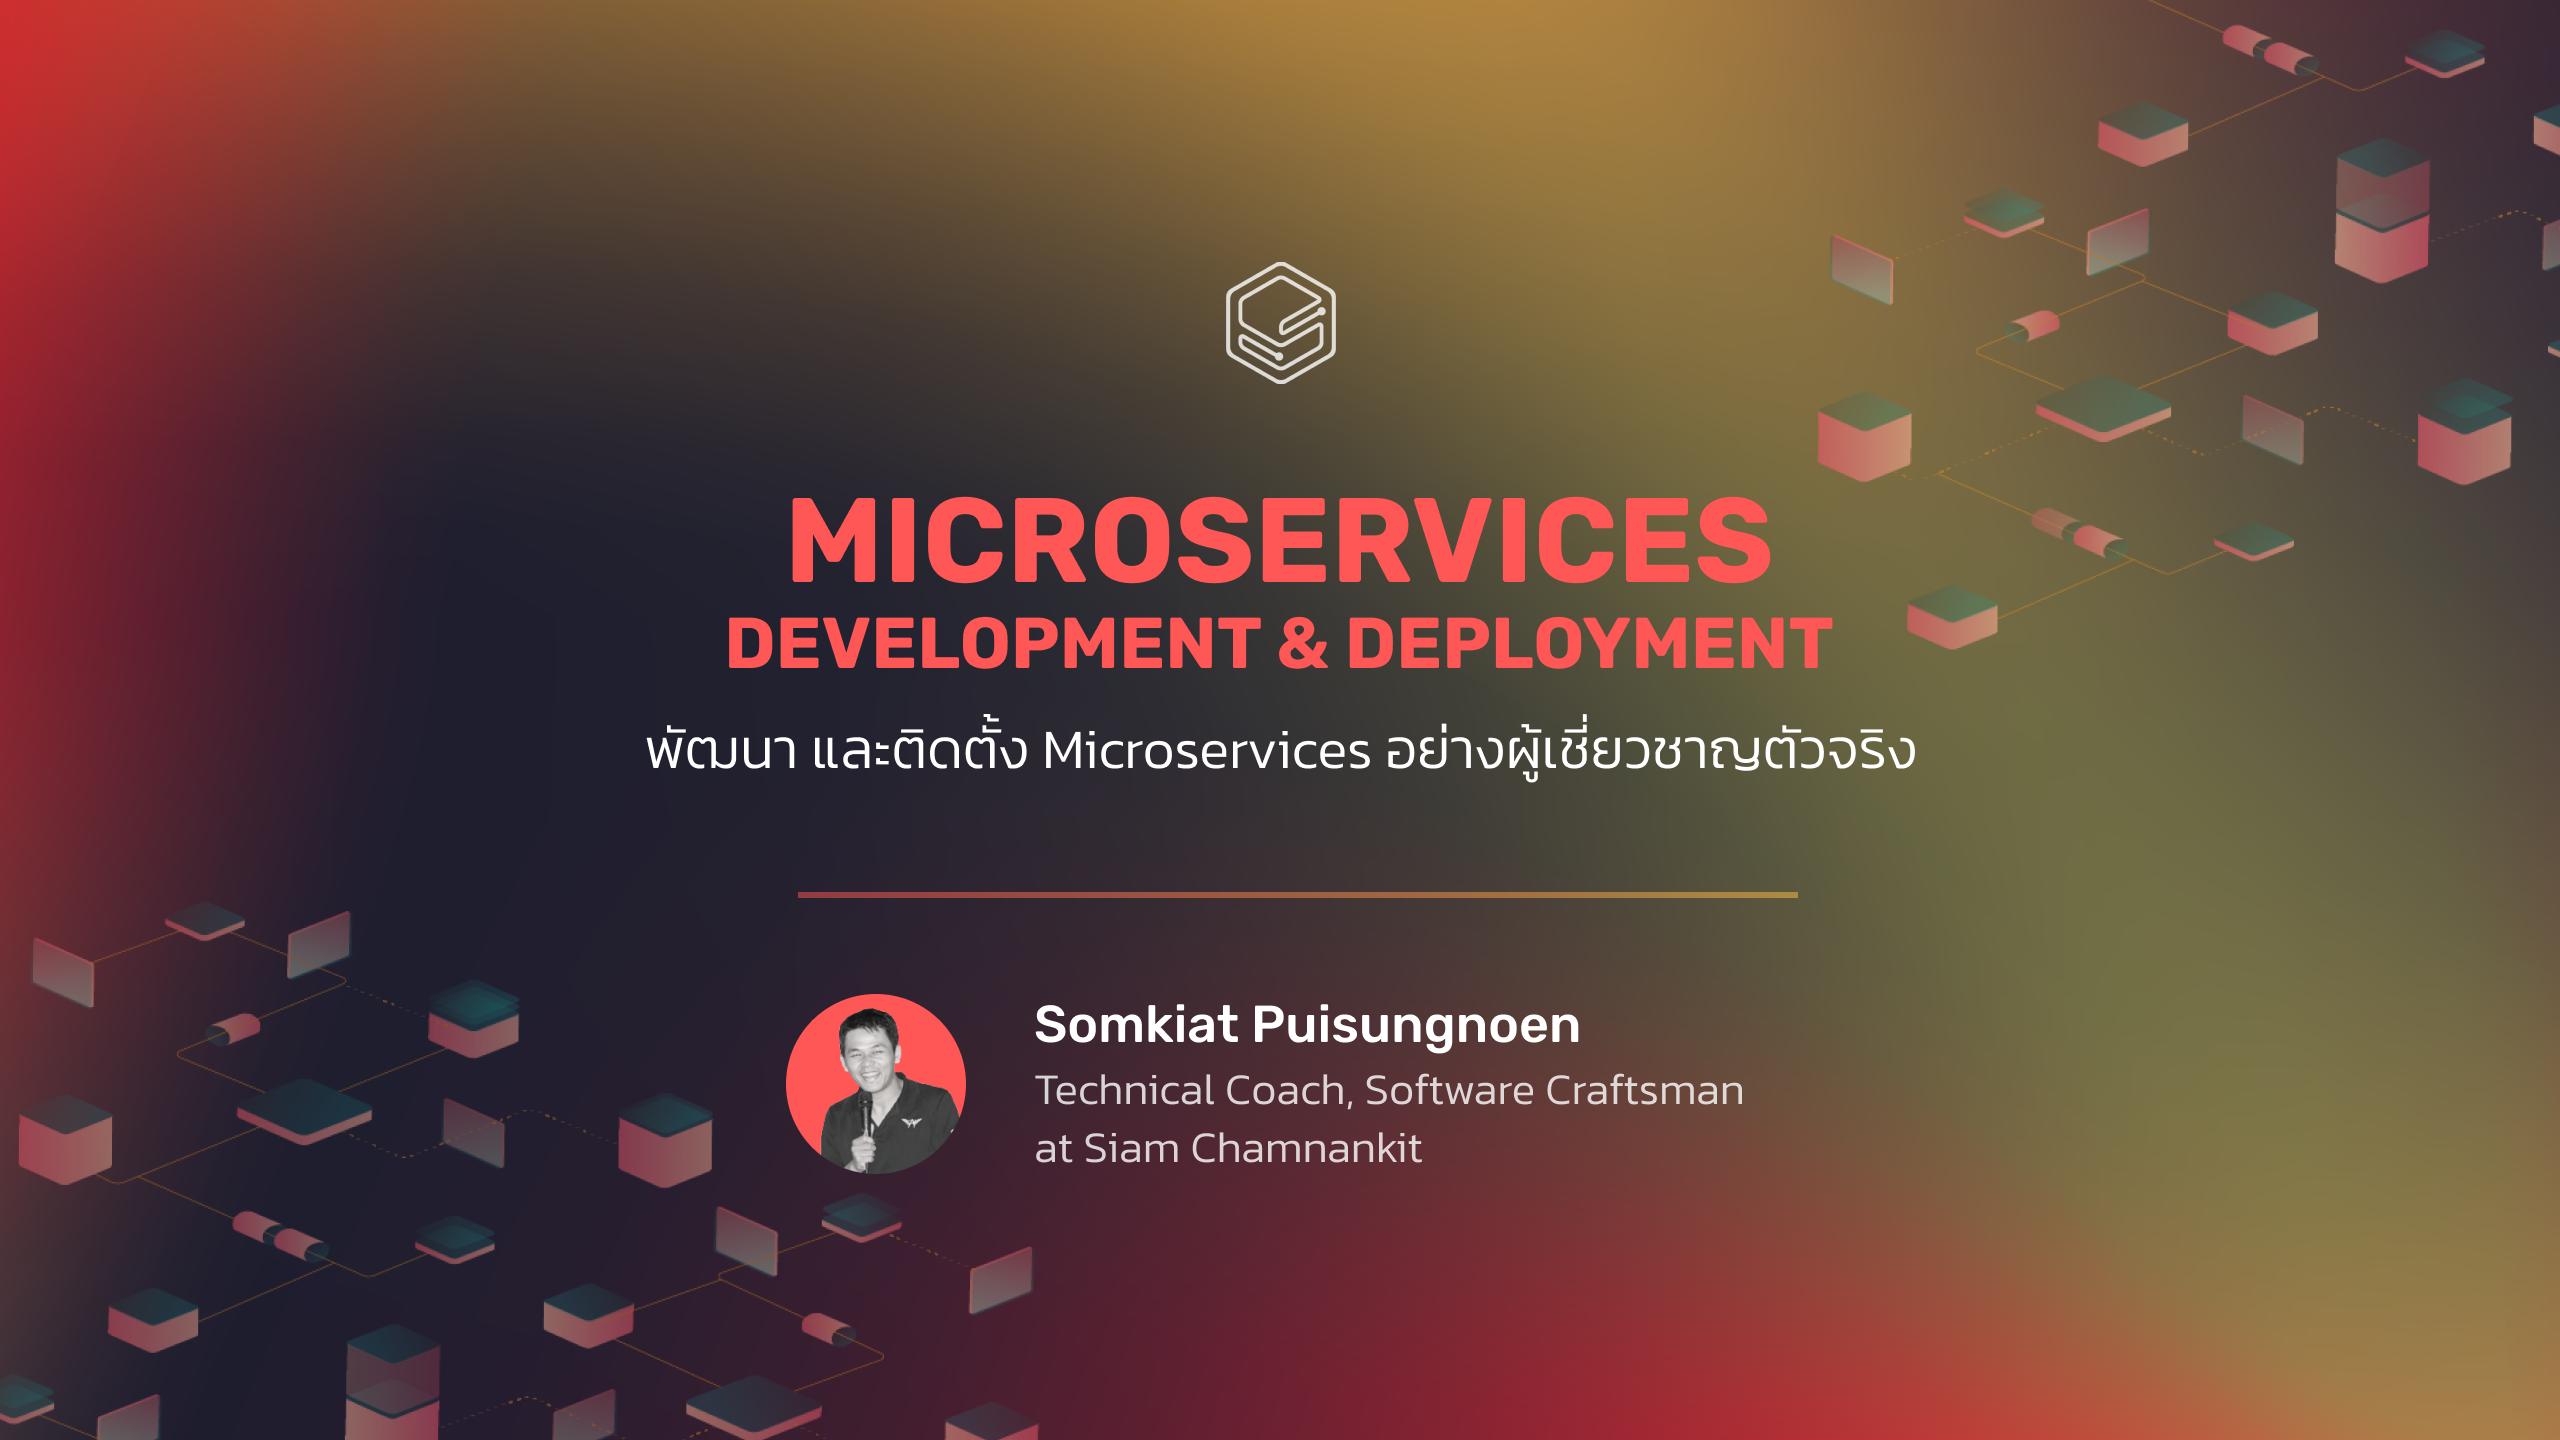 พัฒนา และติดตั้ง Microservices อย่างผู้เชี่ยวชาญตัวจริง | Skooldio Workshop: Microservices Development and Deployment รุ่นที่ 9